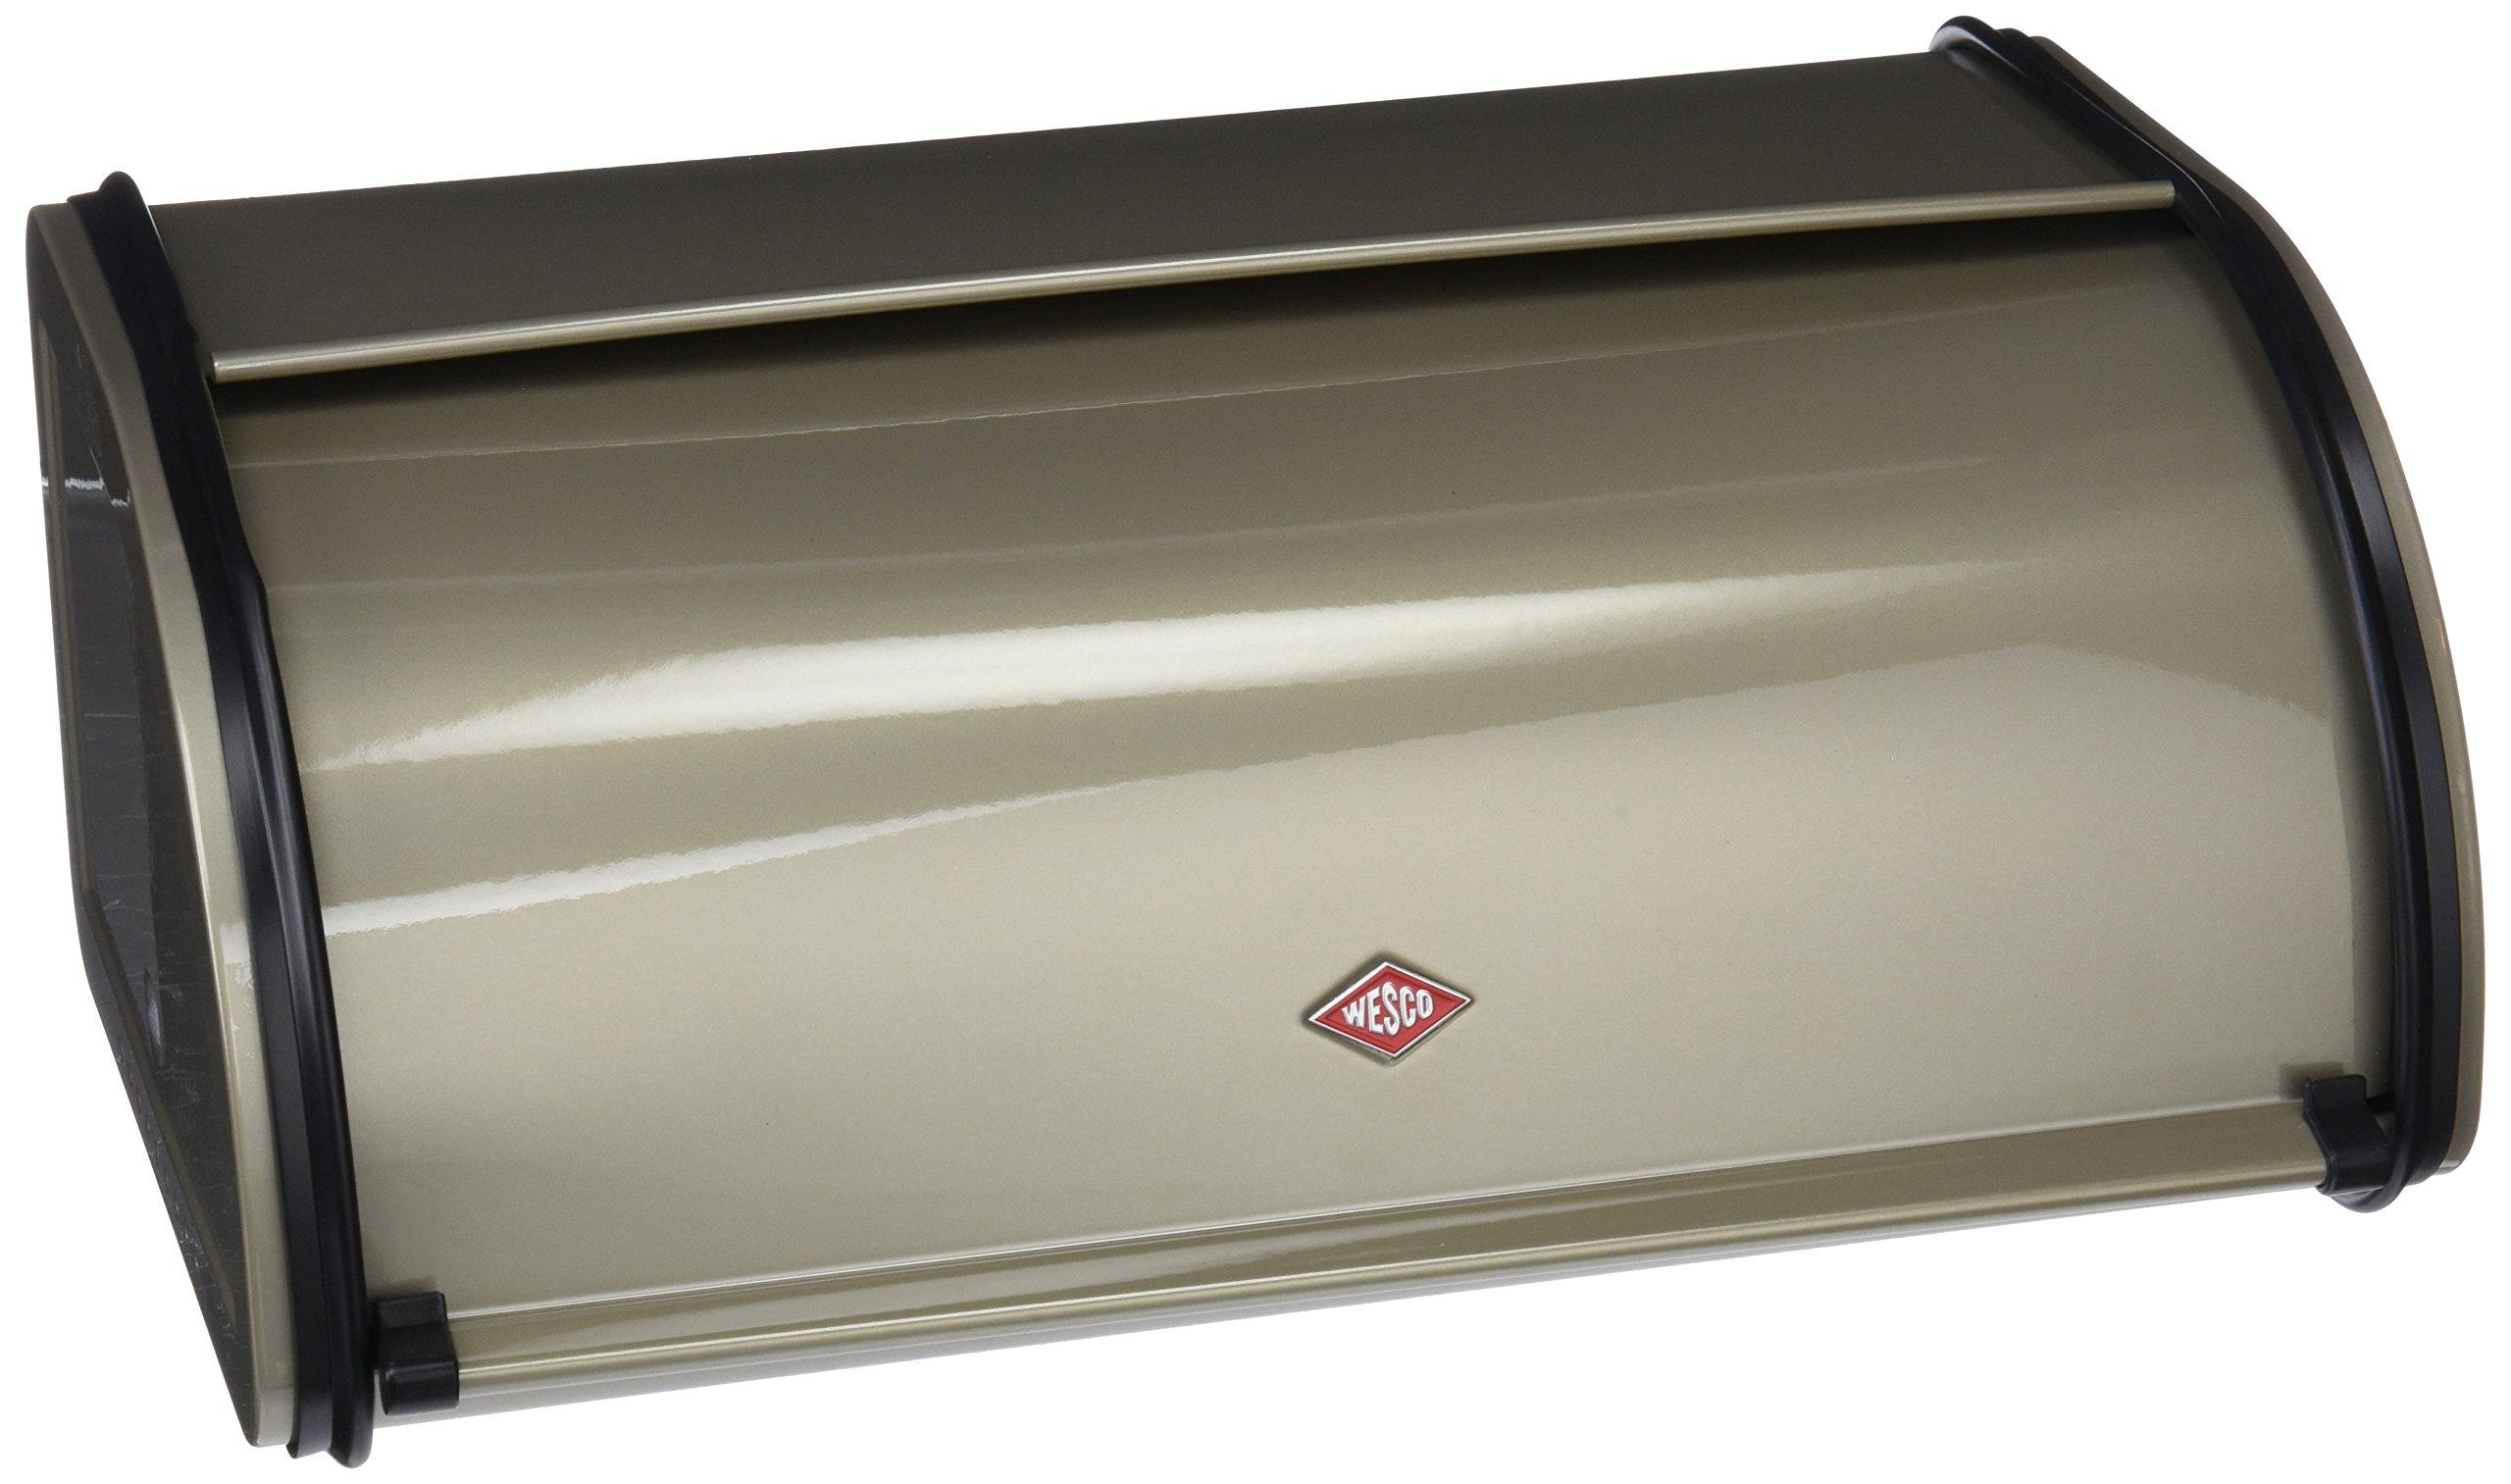 Wesco 212 101-03 - Panera product image